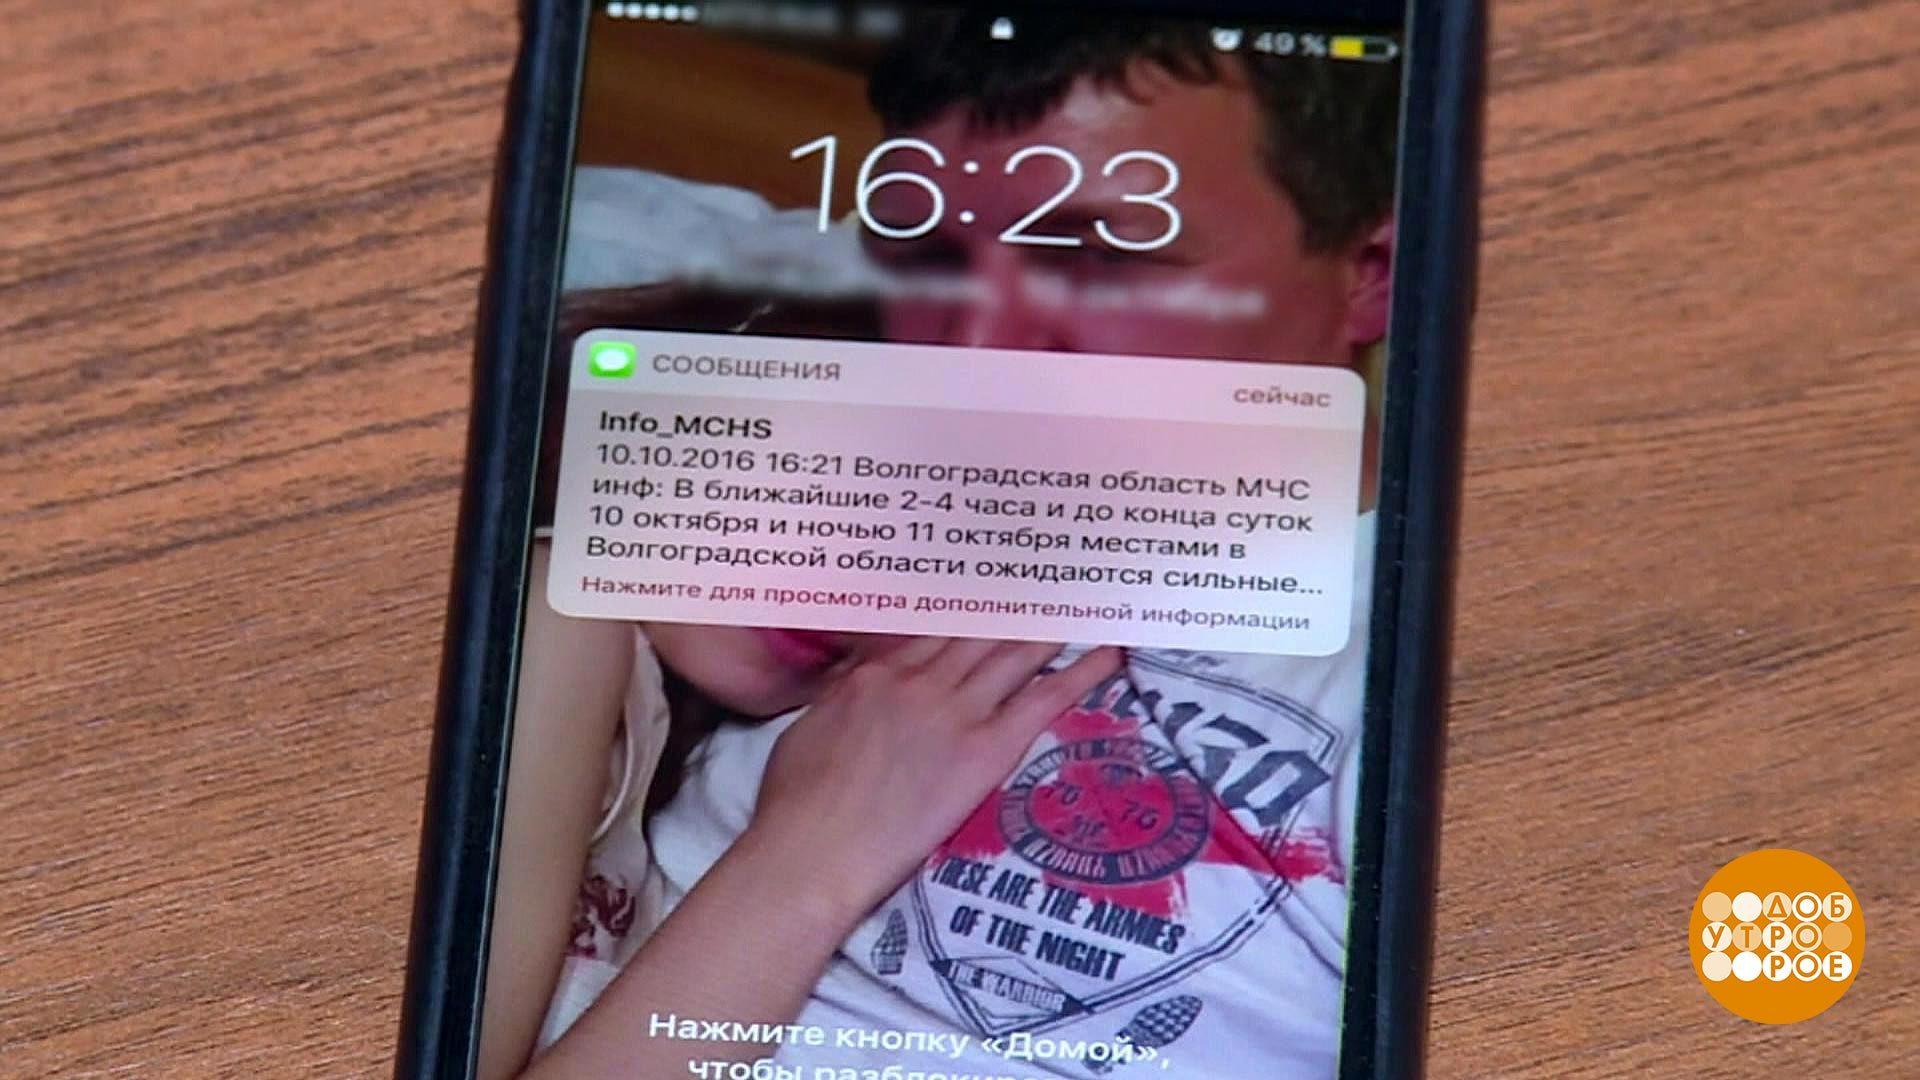 Секс смс переписка рассказ, Се-кс-история реальной переписки из соц сети 5 фотография